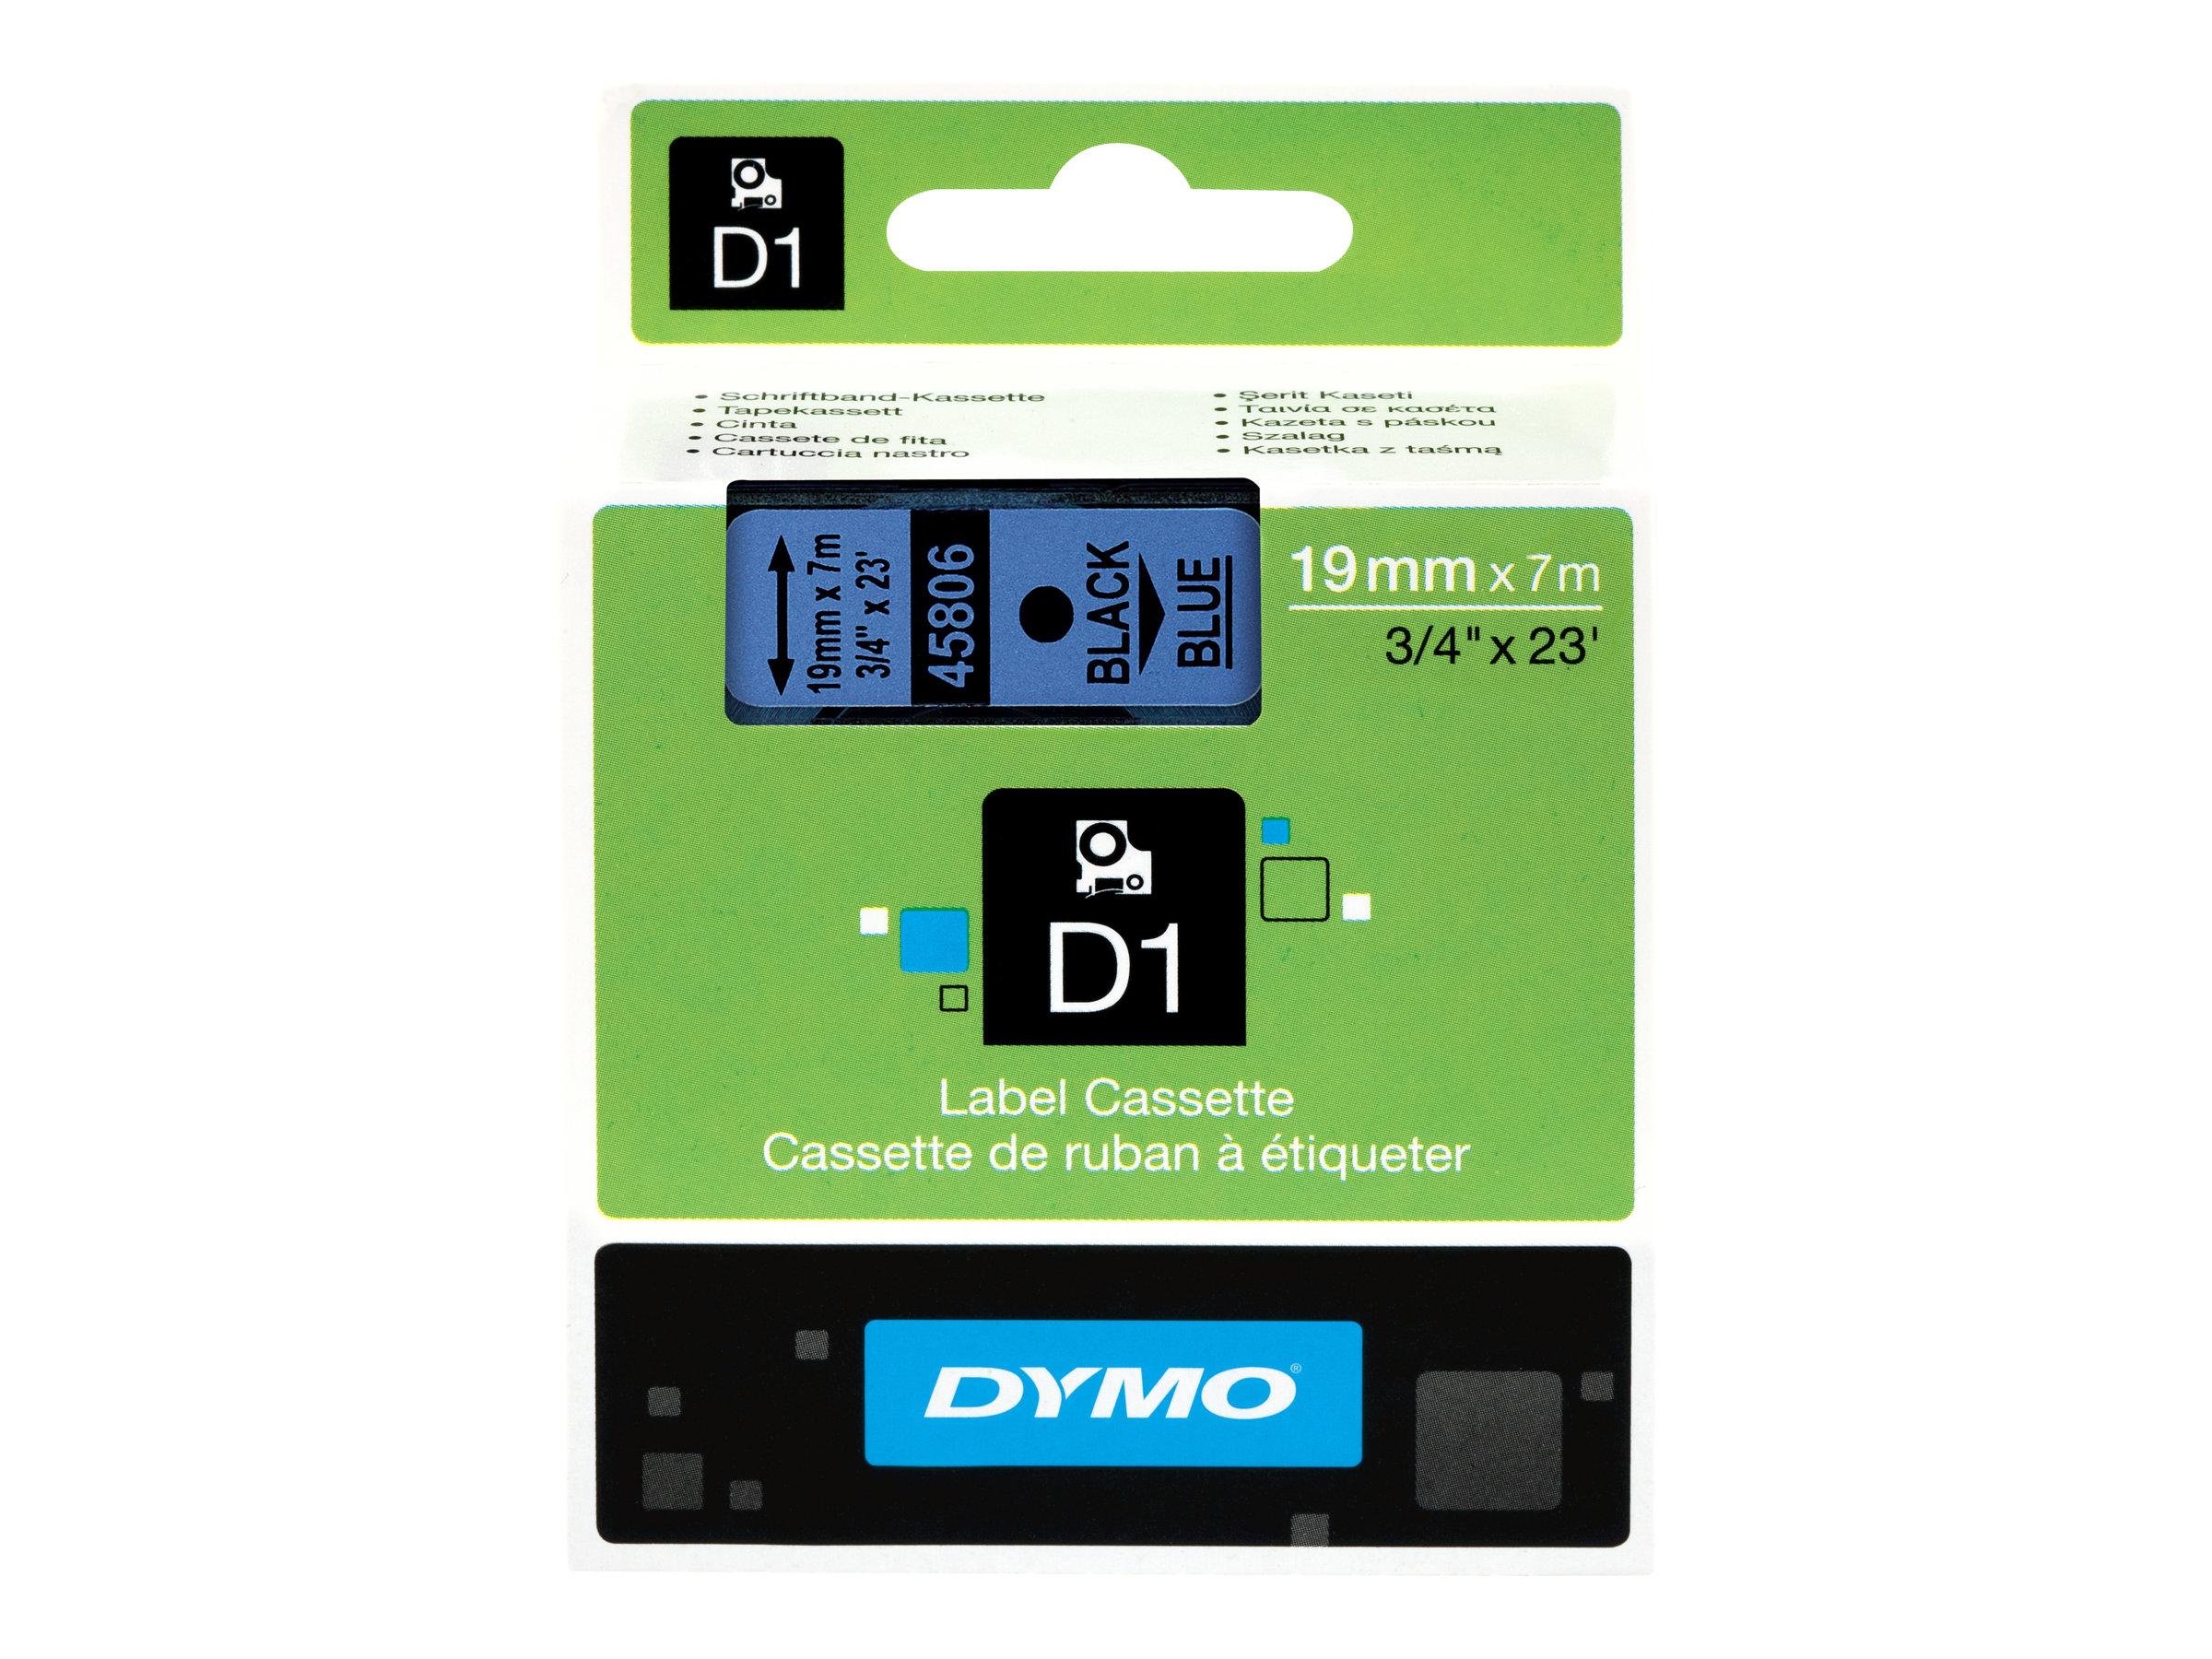 DYMO D1 - Selbstklebend - Schwarz auf Blau - Rolle (1,9 cm x 7 m) 1 Rolle(n) Etikettenband - für LabelMANAGER 360, 400, 420, 450